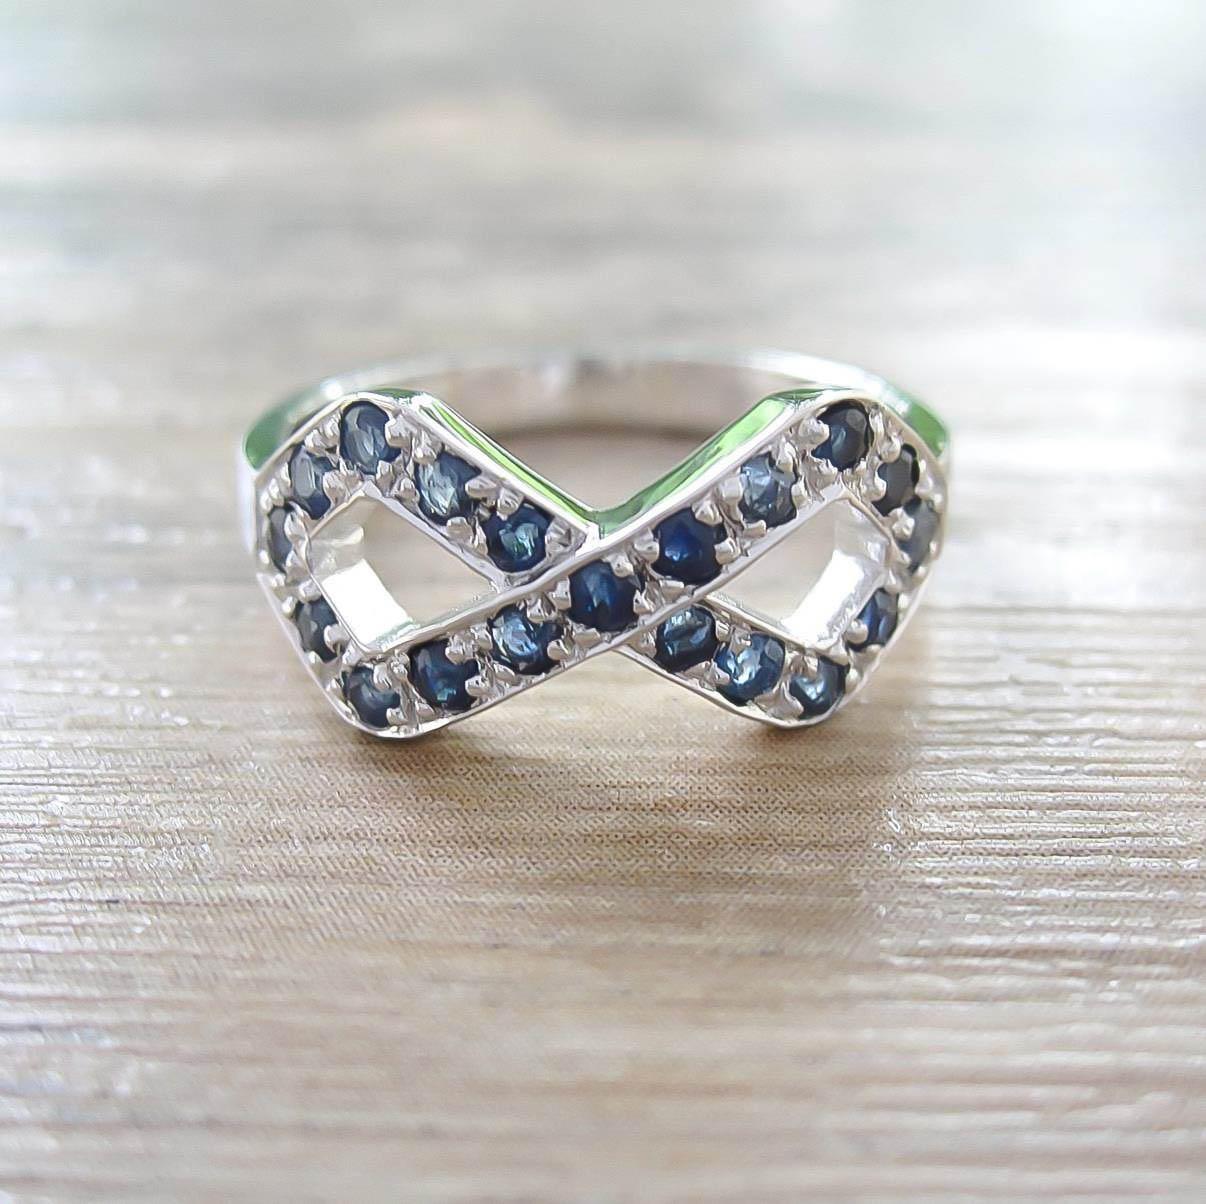 แหวน Blue Sapphire Sterling Silver สี Rhodium รุ่น Infinite